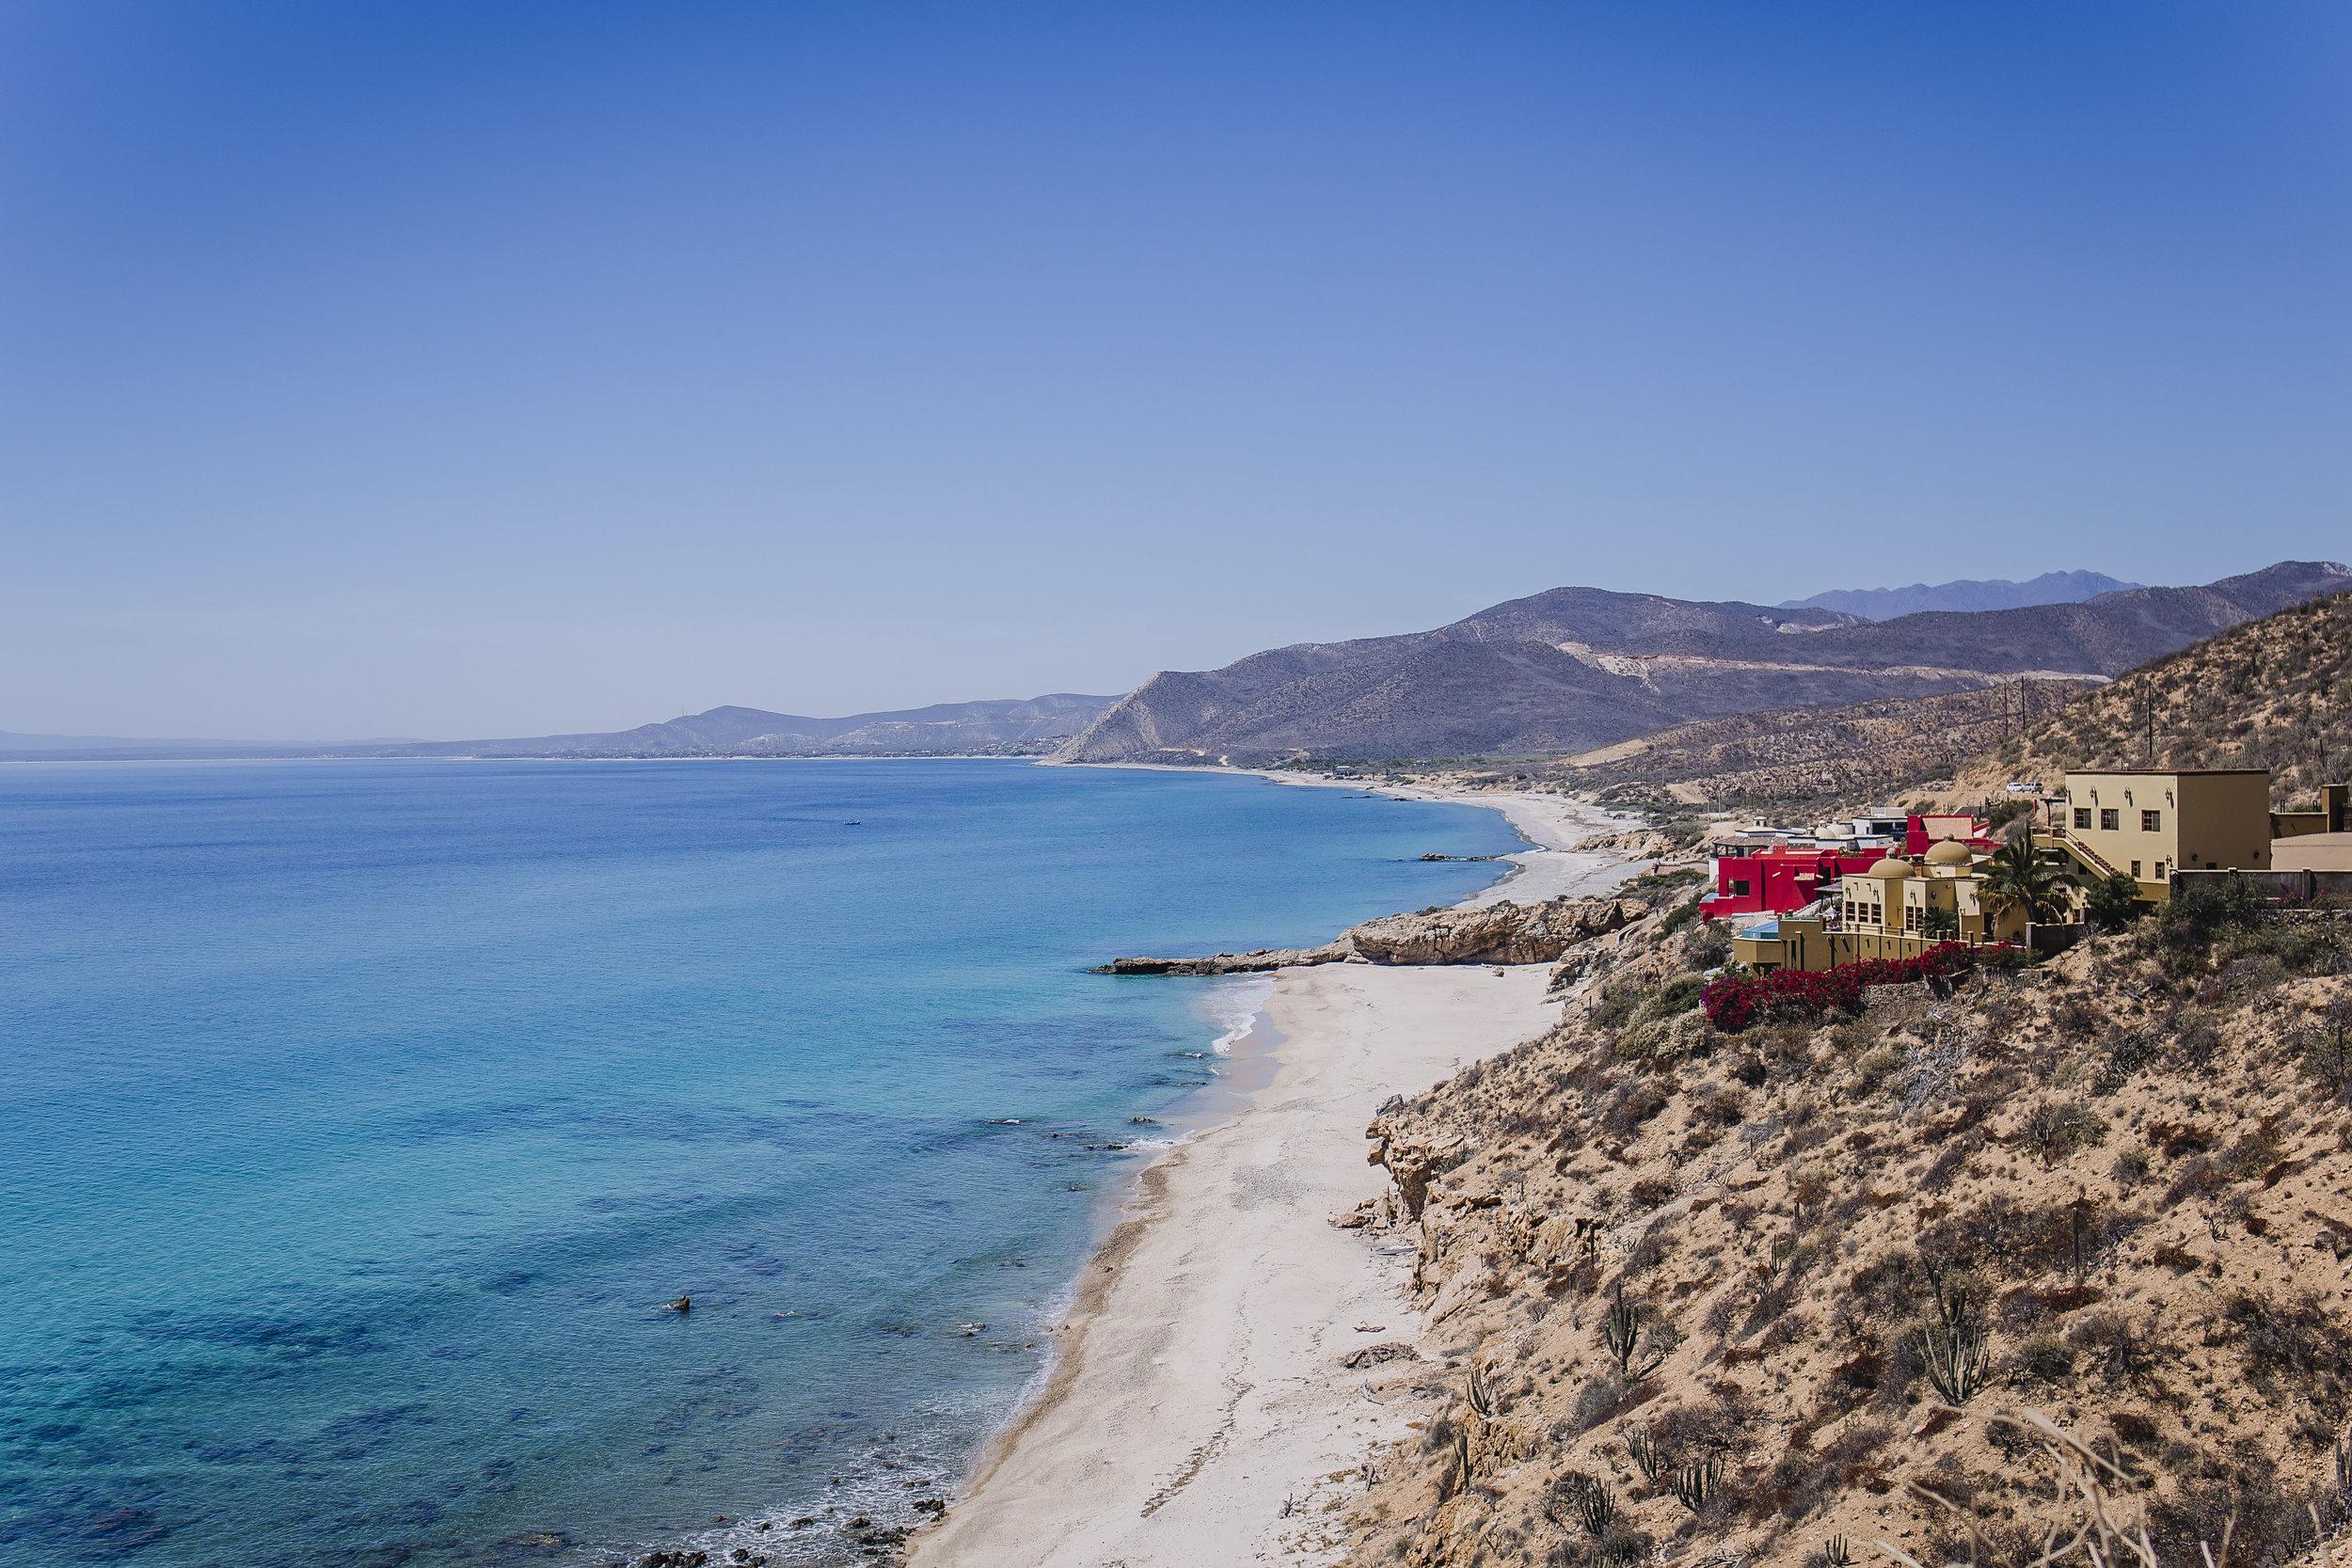 SURGE | Los Barriles, Baja California Sur